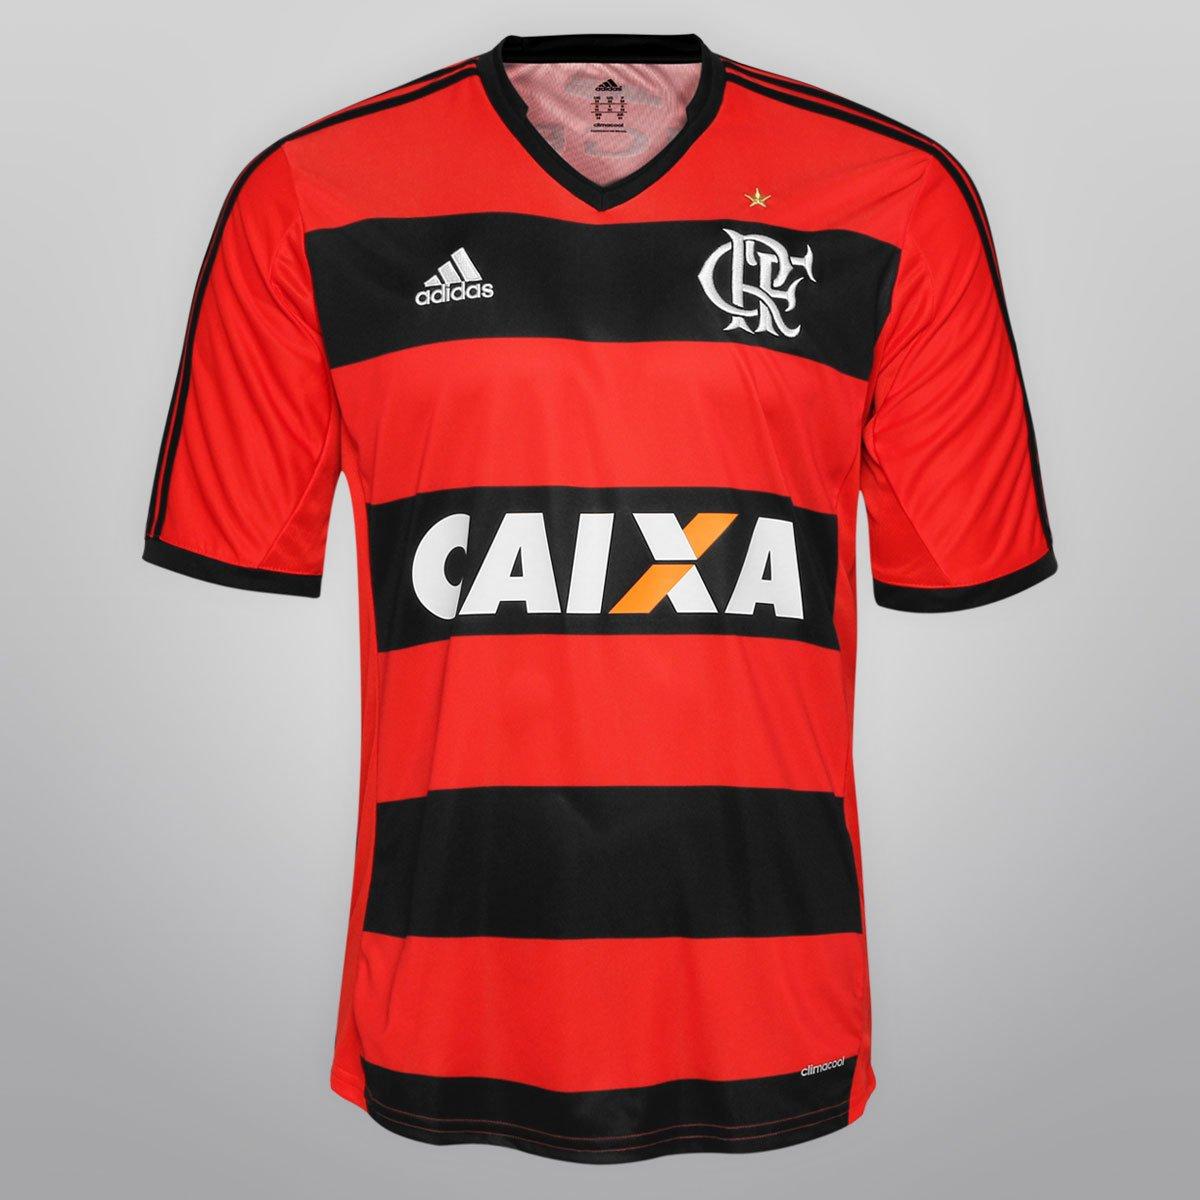 Camisa Adidas Flamengo I 13 14 s nº - c  Patrocínio - Compre Agora ... b900081a1f0